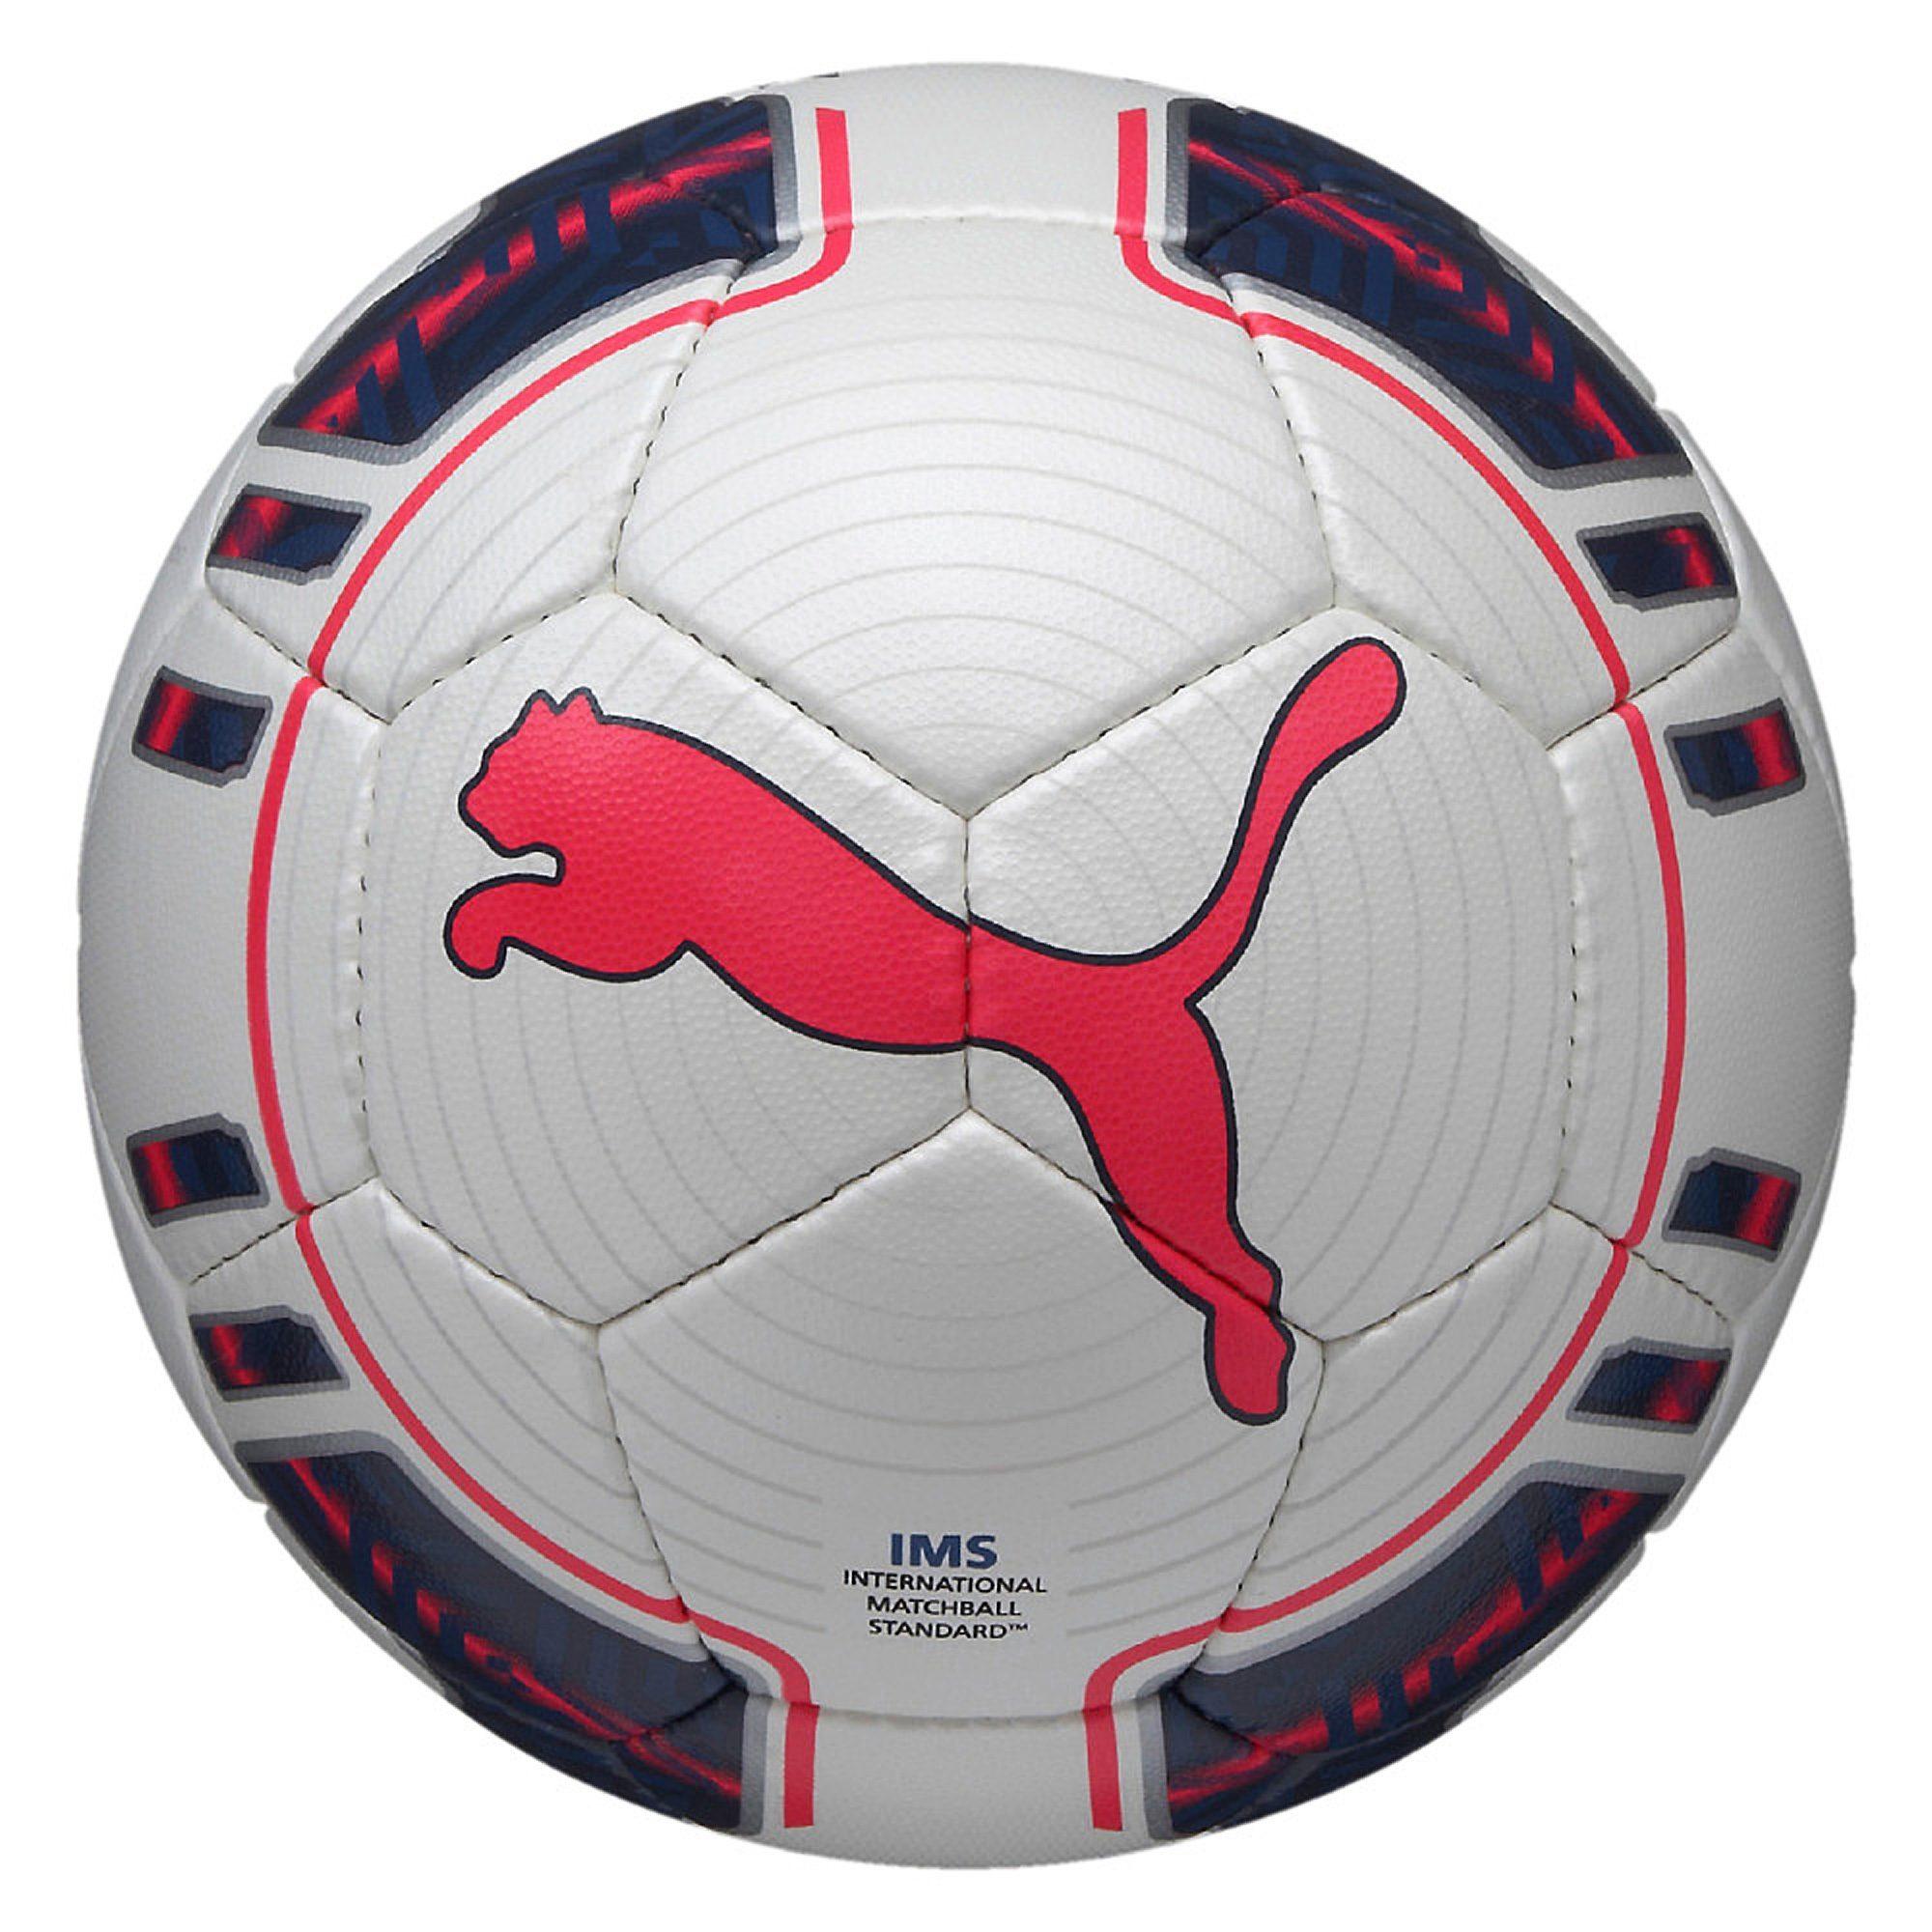 PUMA evoPower 4 Club Fußball